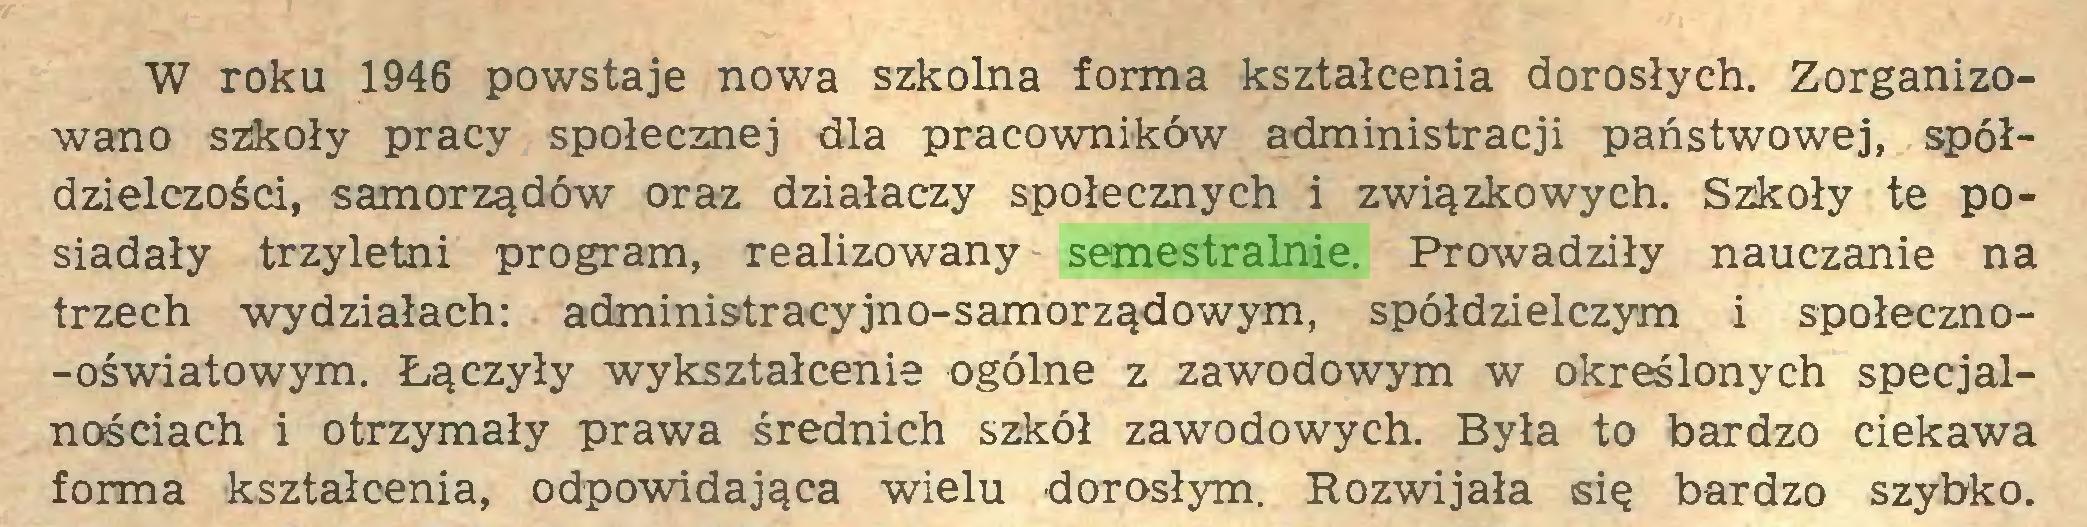 (...) W roku 1946 powstaje nowa szkolna forma kształcenia dorosłych. Zorganizowano szkoły pracy społecznej dla pracowników administracji państwowej, spółdzielczości, samorządów oraz działaczy społecznych i związkowych. Szkoły te posiadały trzyletni program, realizowany semestralnie. Prowadziły nauczanie na trzech wydziałach: administracyjno-samorządowym, spółdzielczym i społeczno-oświatowym. Łączyły wykształcenie ogólne z zawodowym w określonych specjalnościach i otrzymały prawa średnich szkół zawodowych. Była to bardzo ciekawa forma kształcenia, odpowidająca wielu dorosłym. Rozwijała się bardzo szybko...